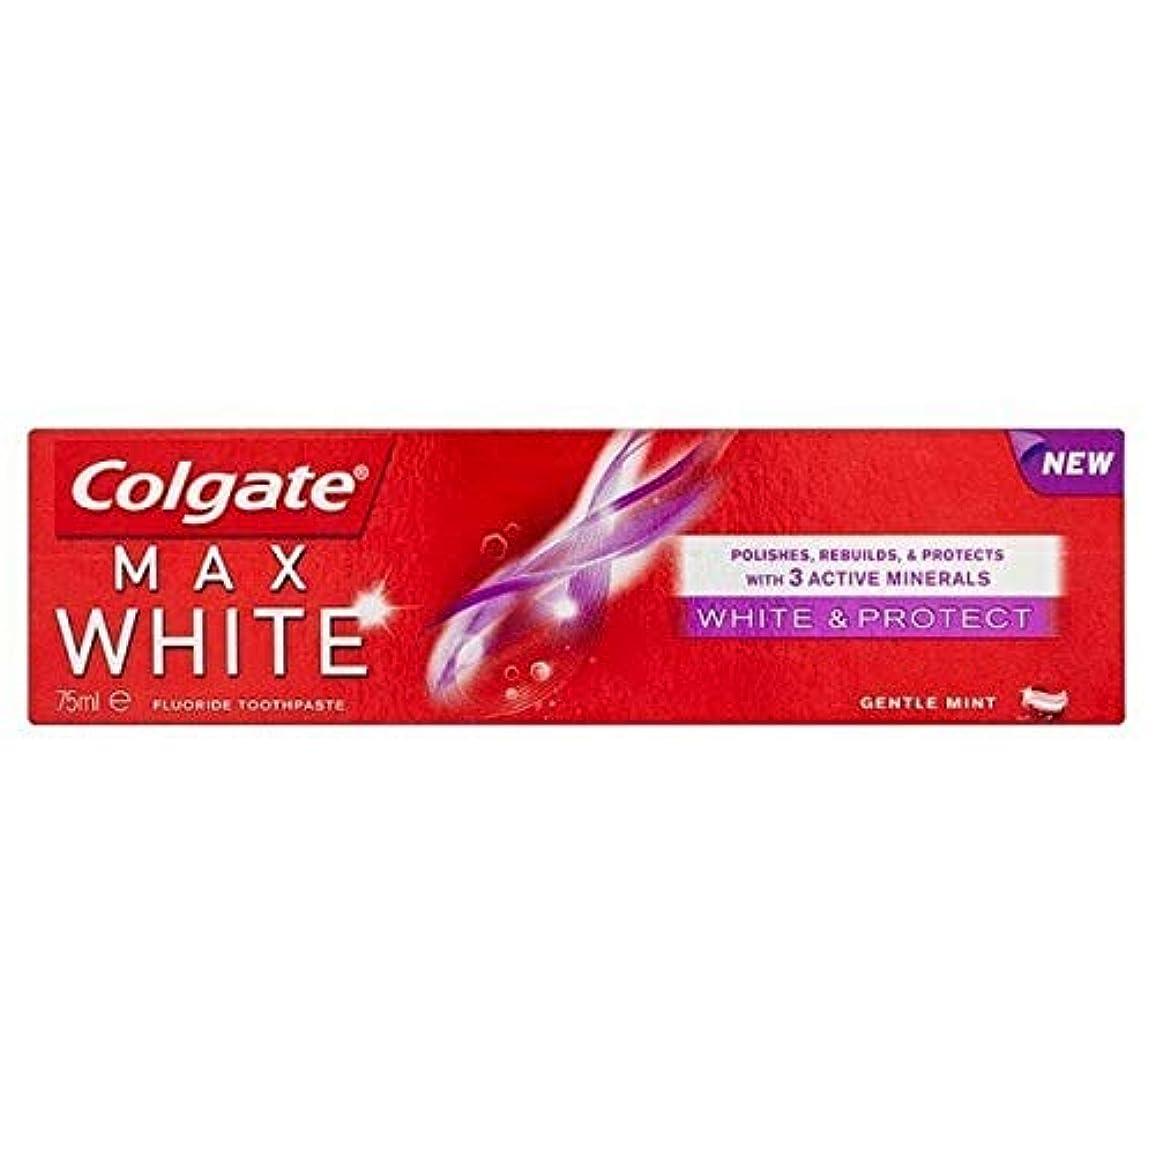 報酬通信網桃[Colgate ] コルゲートマックスホワイトホワイトニング&歯磨き粉75ミリリットルを保護 - Colgate Max White Whitening & Protect Toothpaste 75ml [並行輸入品]